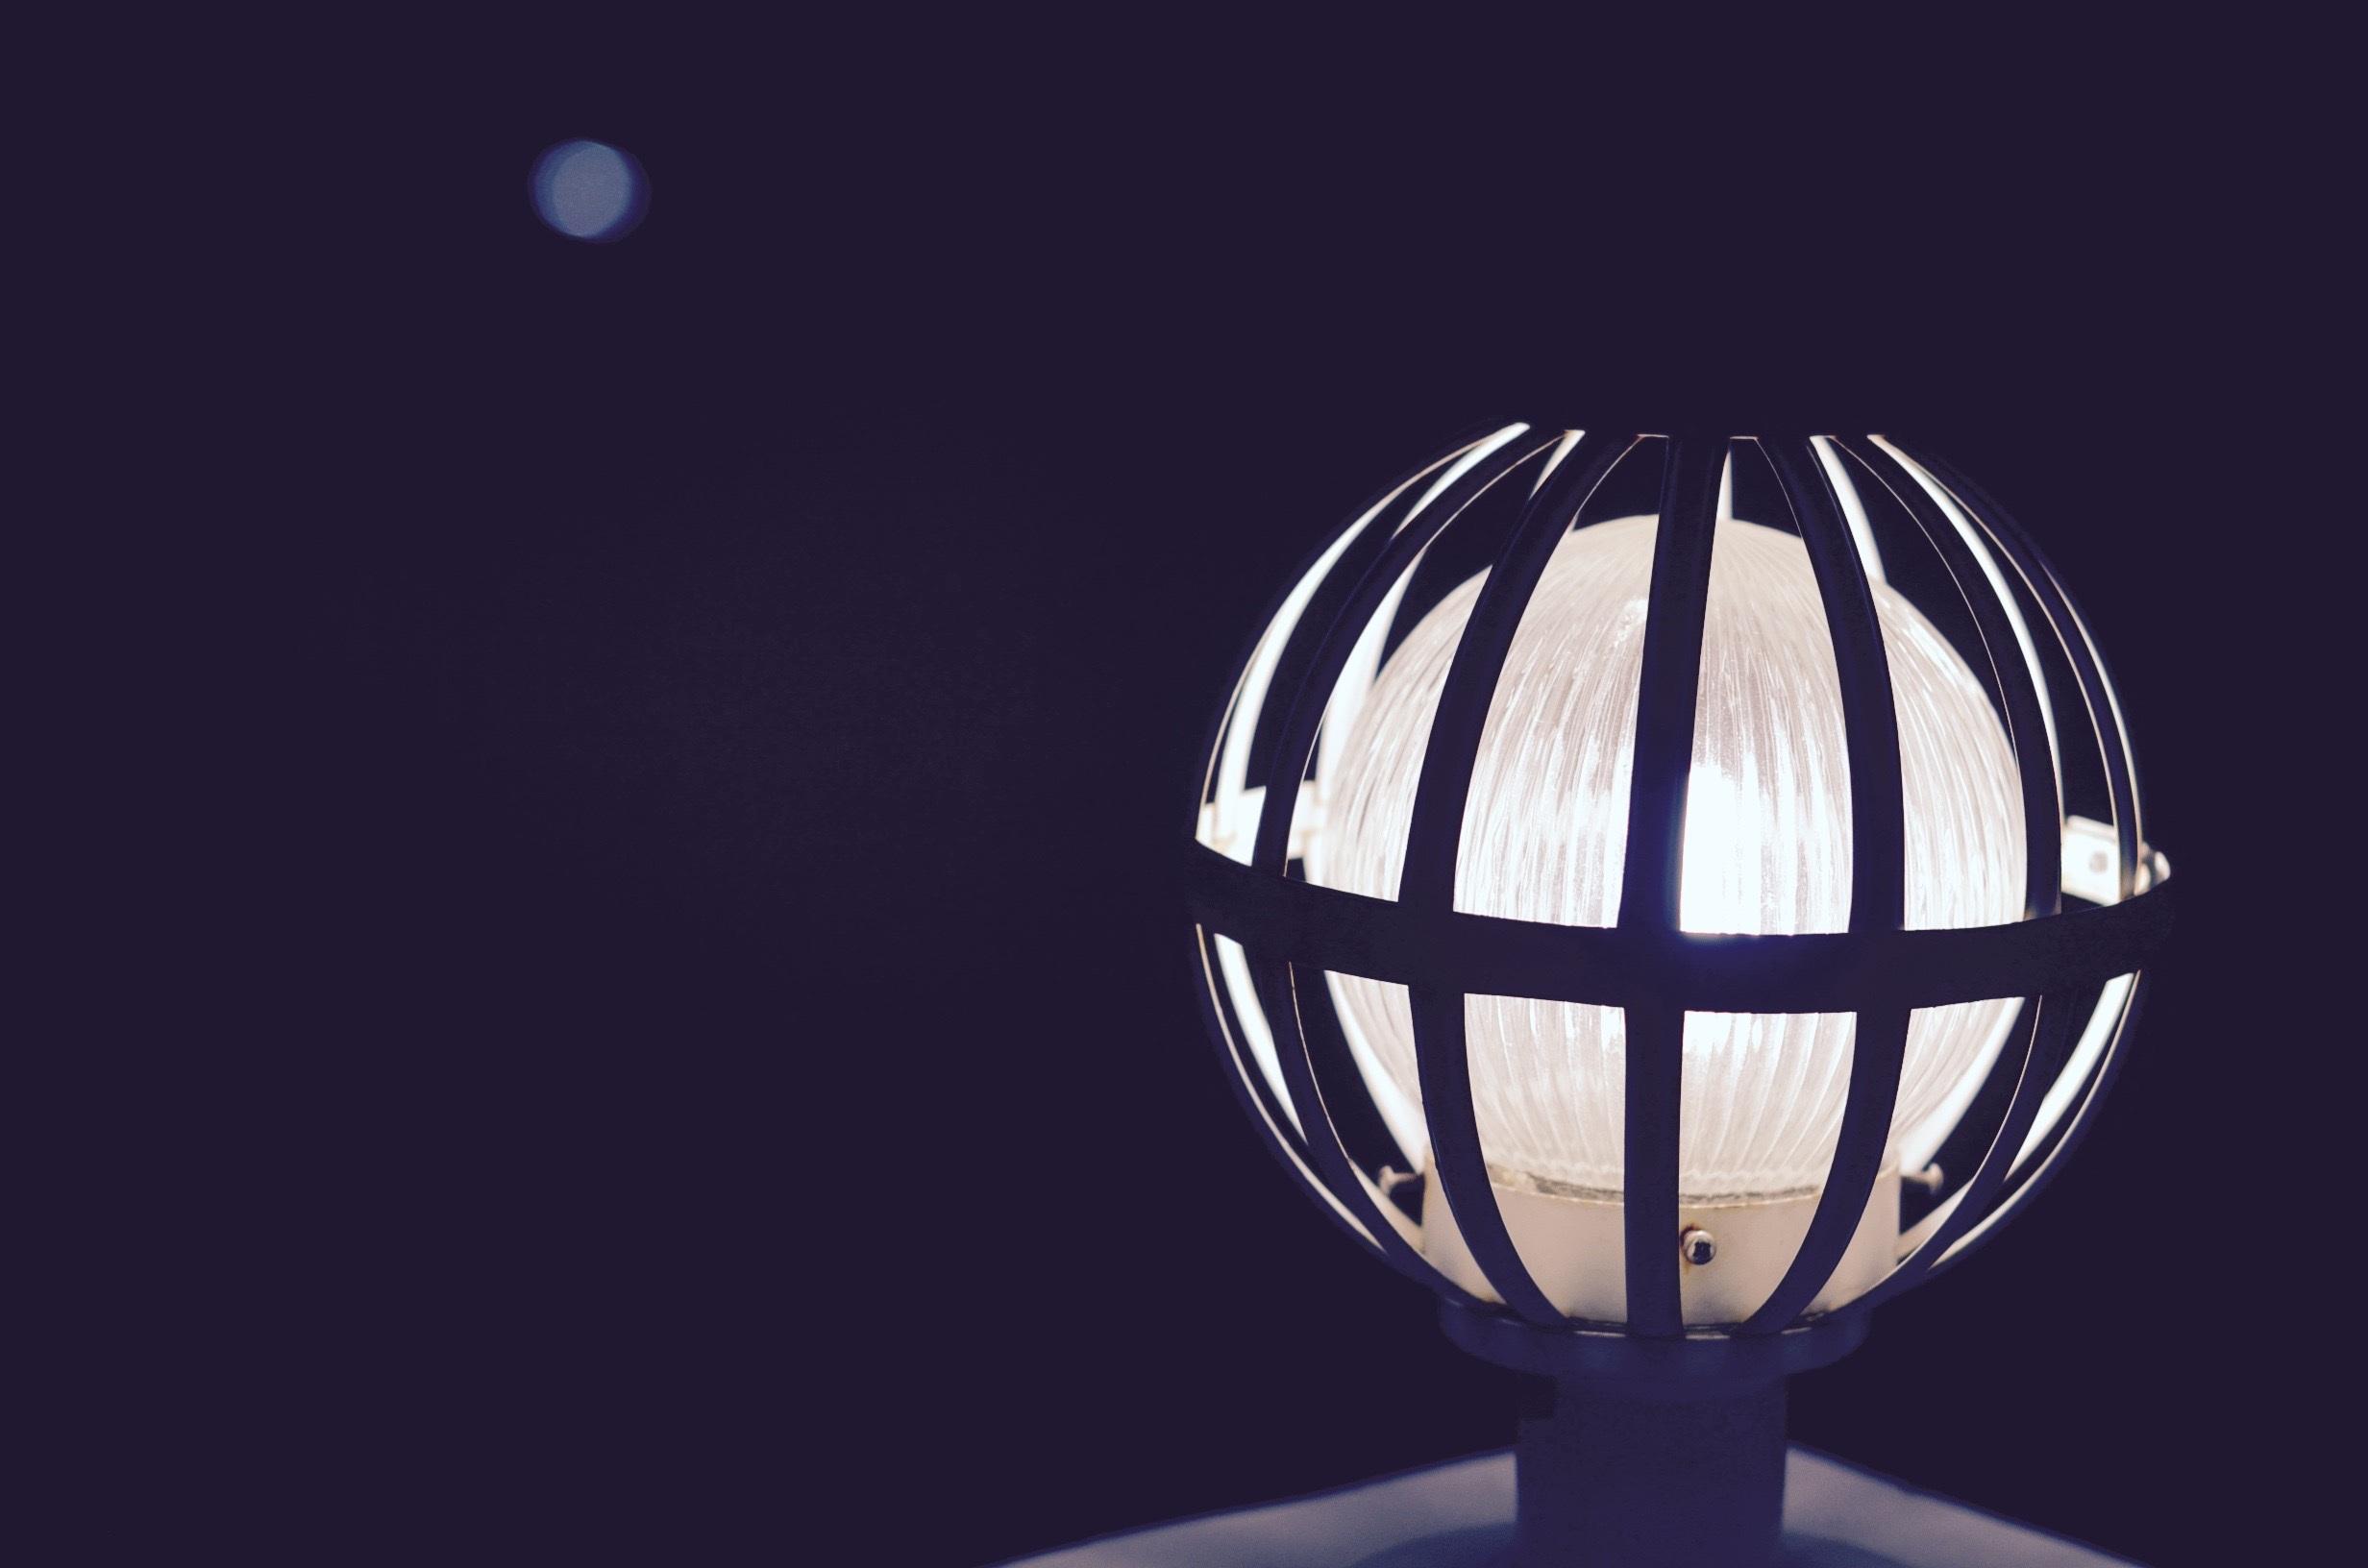 Kostenlose foto : Licht, Bokeh, Nacht-, Dachterrasse, Balkon, Lampe ...